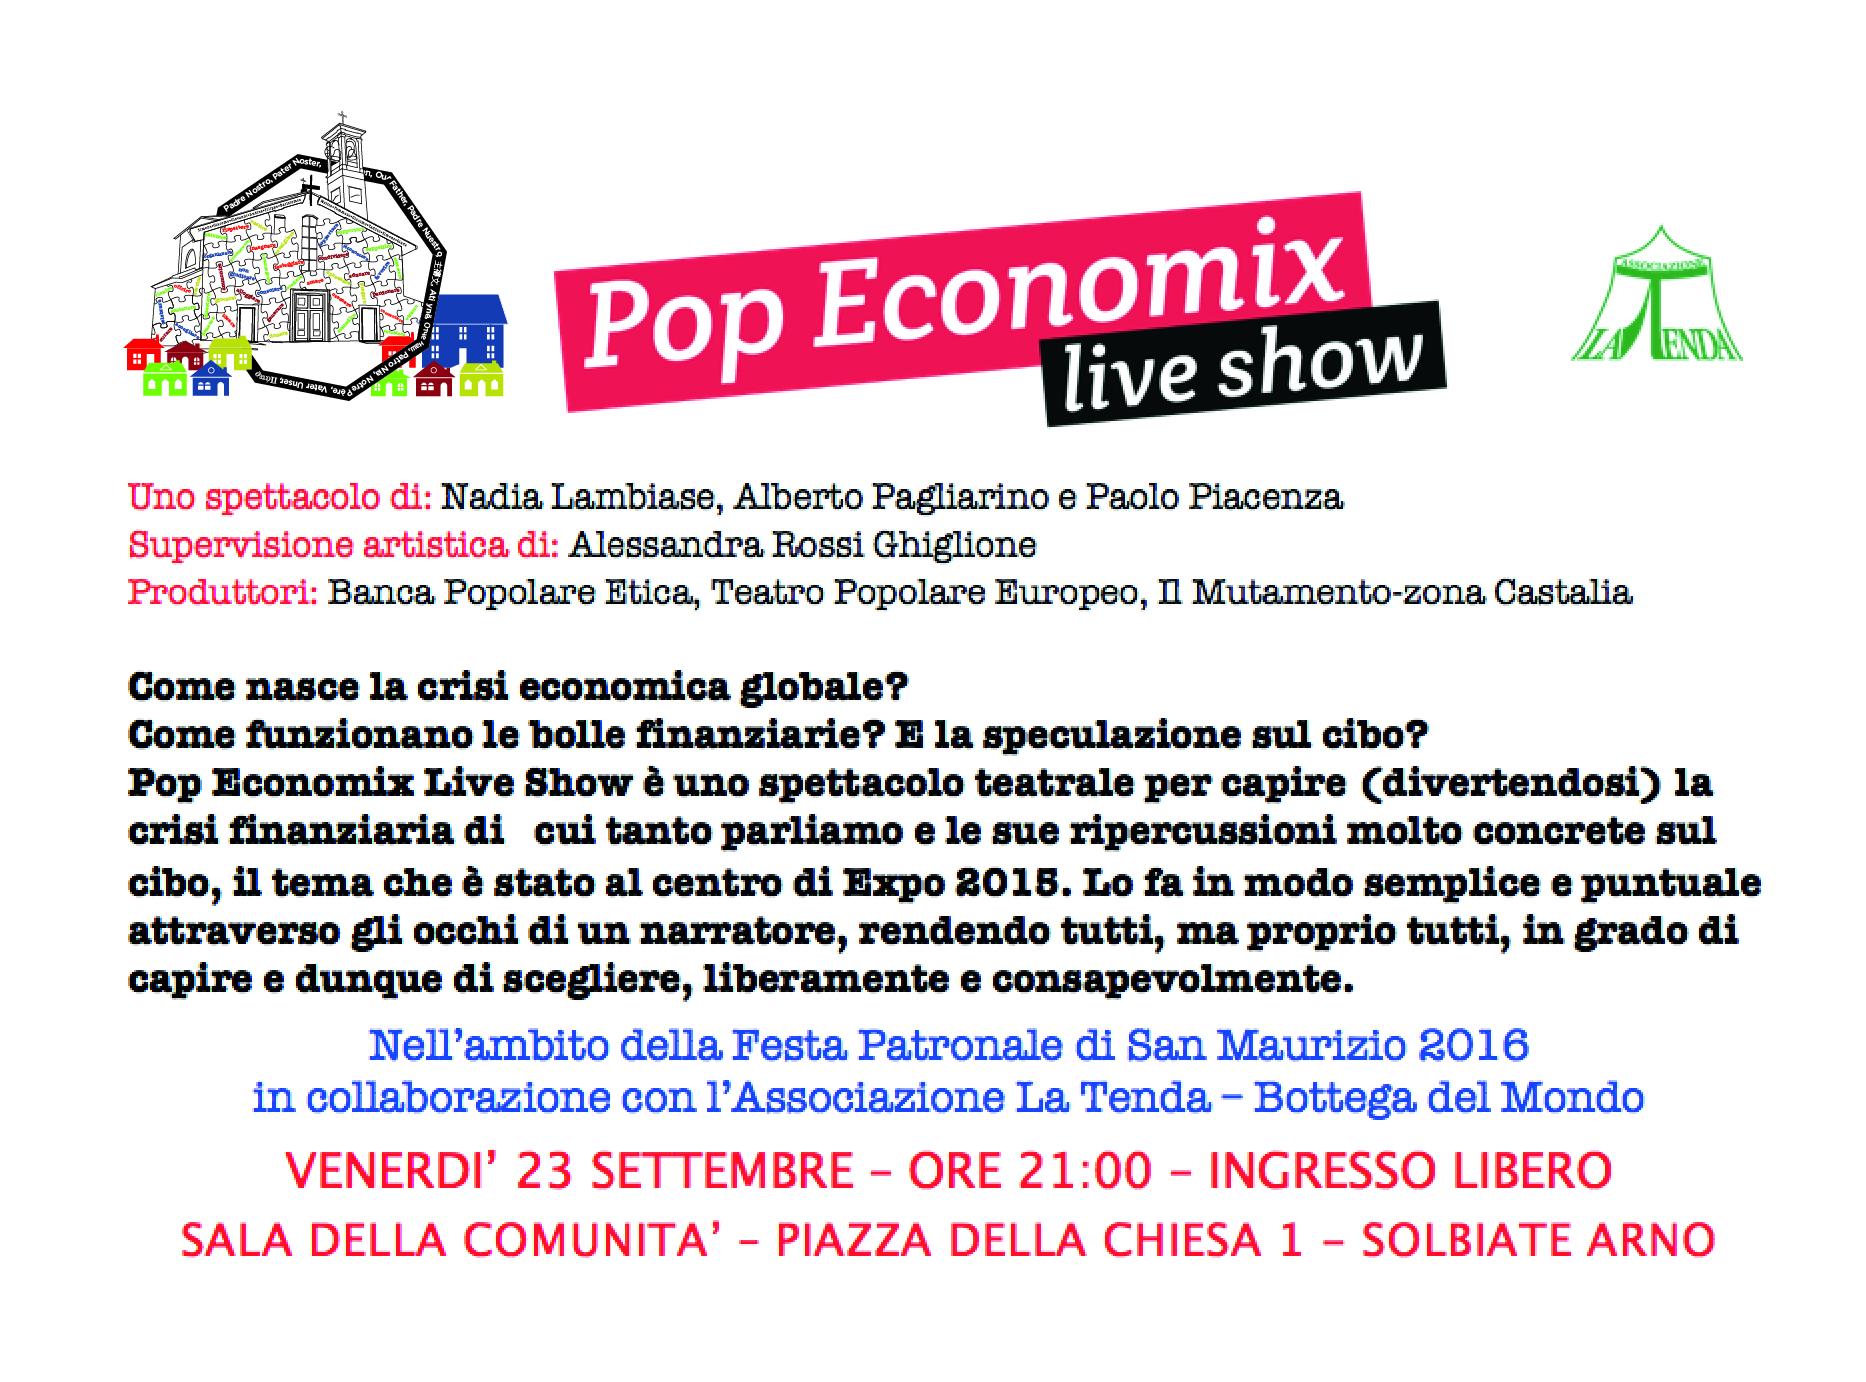 pop-economix_retro